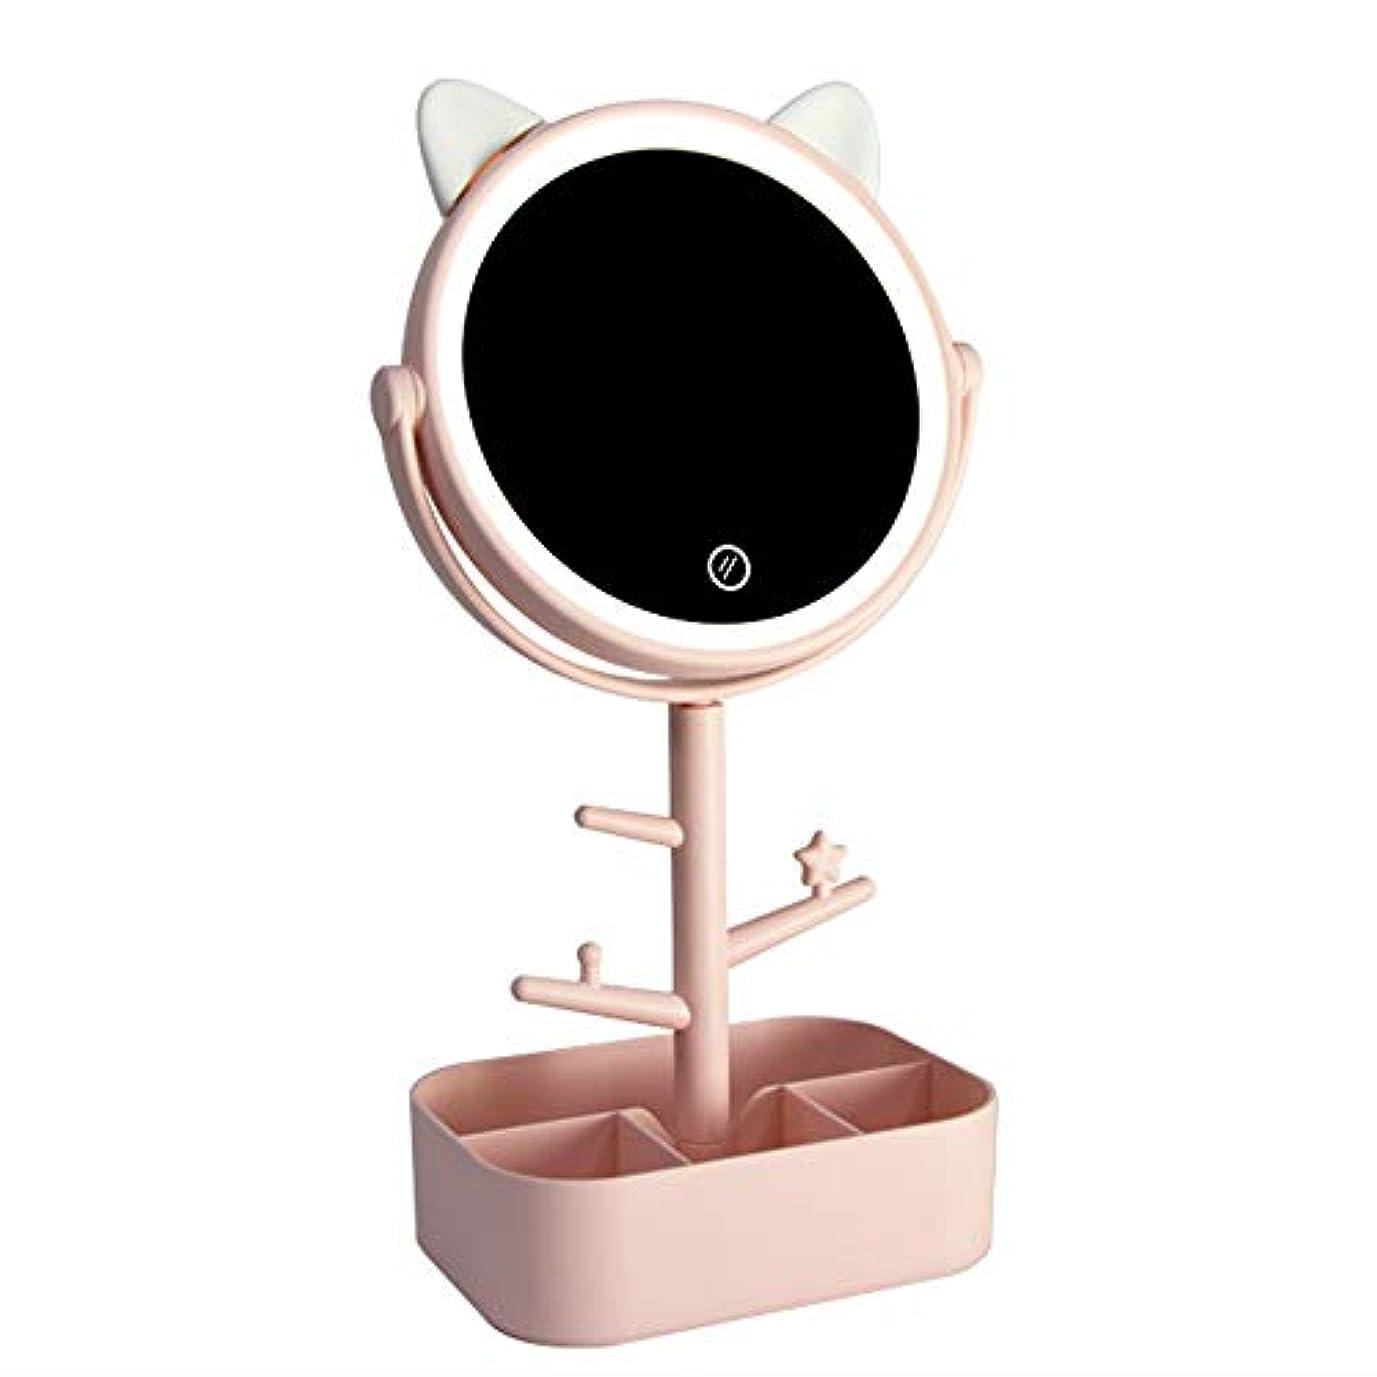 温室無力スキッパーLecone LED化粧鏡 女優ミラー 卓上ミラー 180度調整可能 スタンドミラー LEDライト メイク 化粧道具 円型 収納ケース 可収納 USB給電 (猫ーピンク)